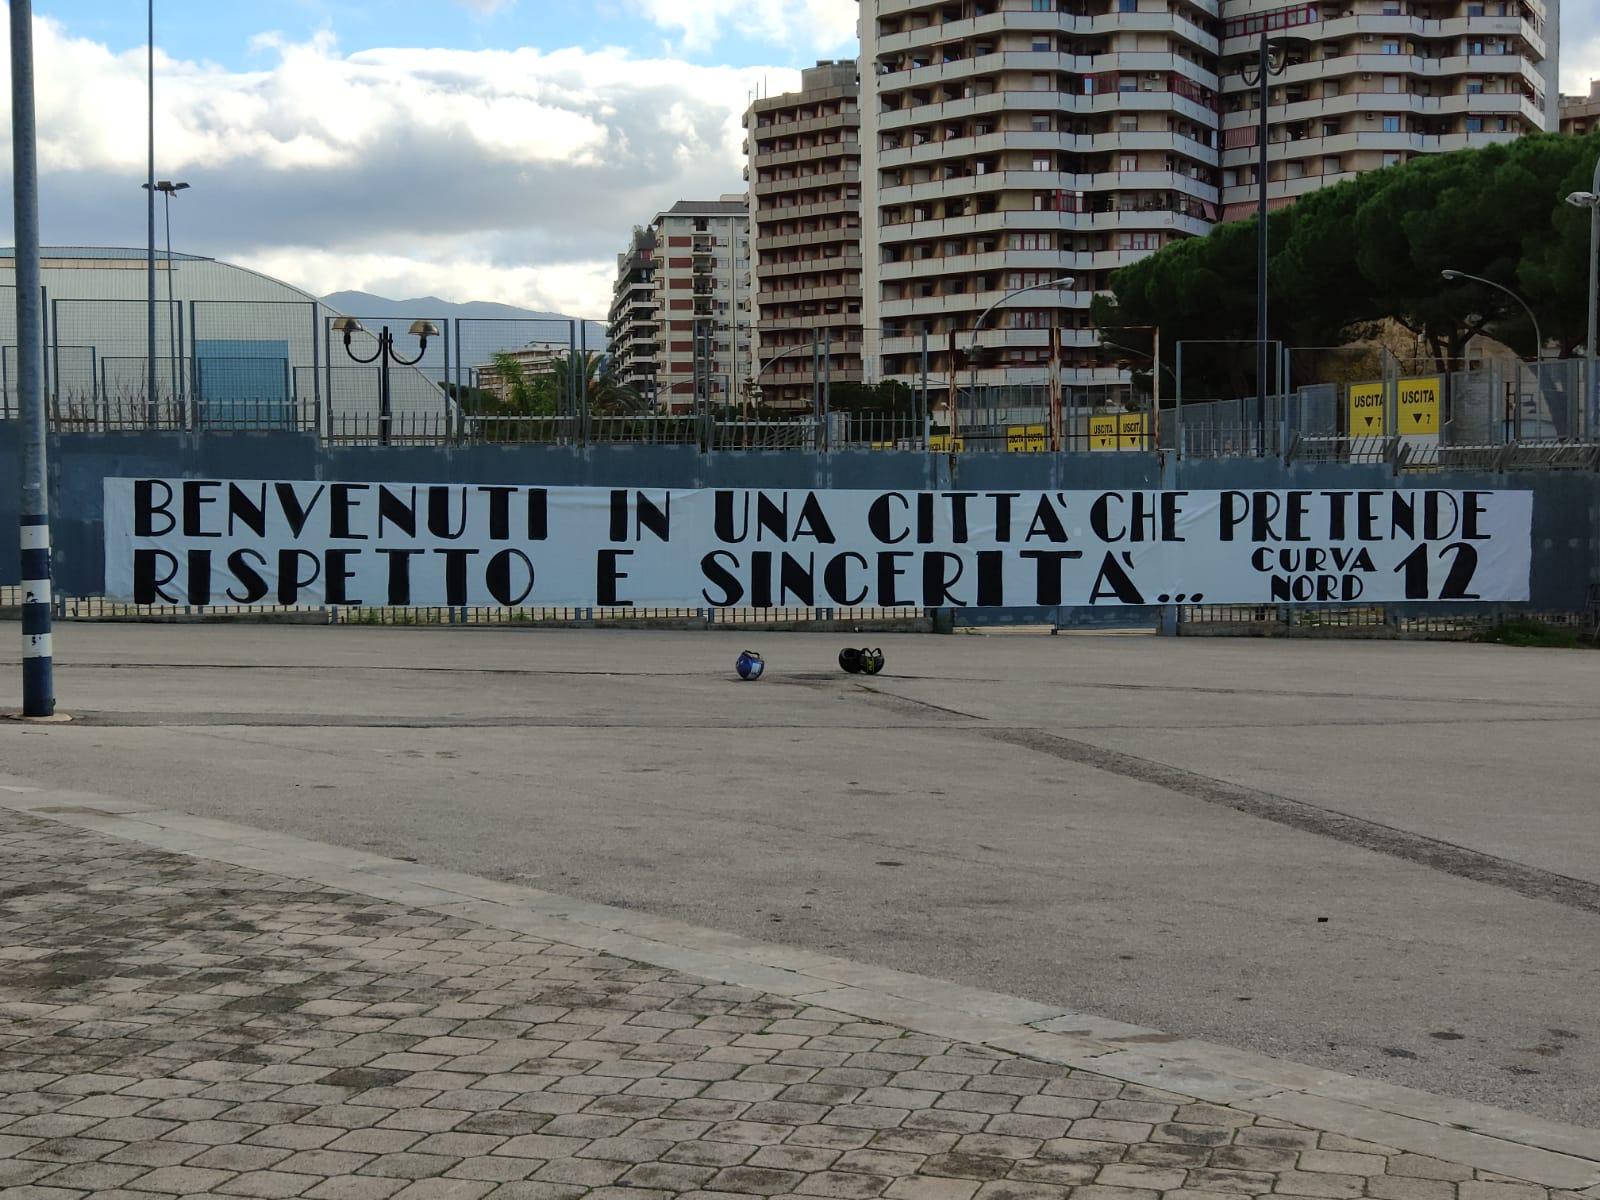 """Allo stadio """"Renzo Barbera"""", sono presenti degli striscionidi benvenuto da parte dei tifosi del Palermo nei confronti della nuova società """"Global Sport Futures&Eintertainment"""" che ha acquisito il 100% delle quote societarie del Palermo calcio: """"Benvenuti in una città che pretende rispetto e sincerità"""", recita uno degli striscioni dei tifosi. """"Qui la mentalità è sempre la stessa: Rispetto"""", recita un altro striscione con i tifosi che sembrano voler avere più chiarezza nei confronti dell'operazione. LEGGI ANCHE: LA BREVE STORIA DI GLOBAL FUTURES SPORTS & ENTERTAINMENT RICHARDSON: """"VOGLIAMO FAR CRESCERE IL PALERMO"""" CLIVE RICHARDSON A CAPO DI ALTRE SOCIETÀ"""